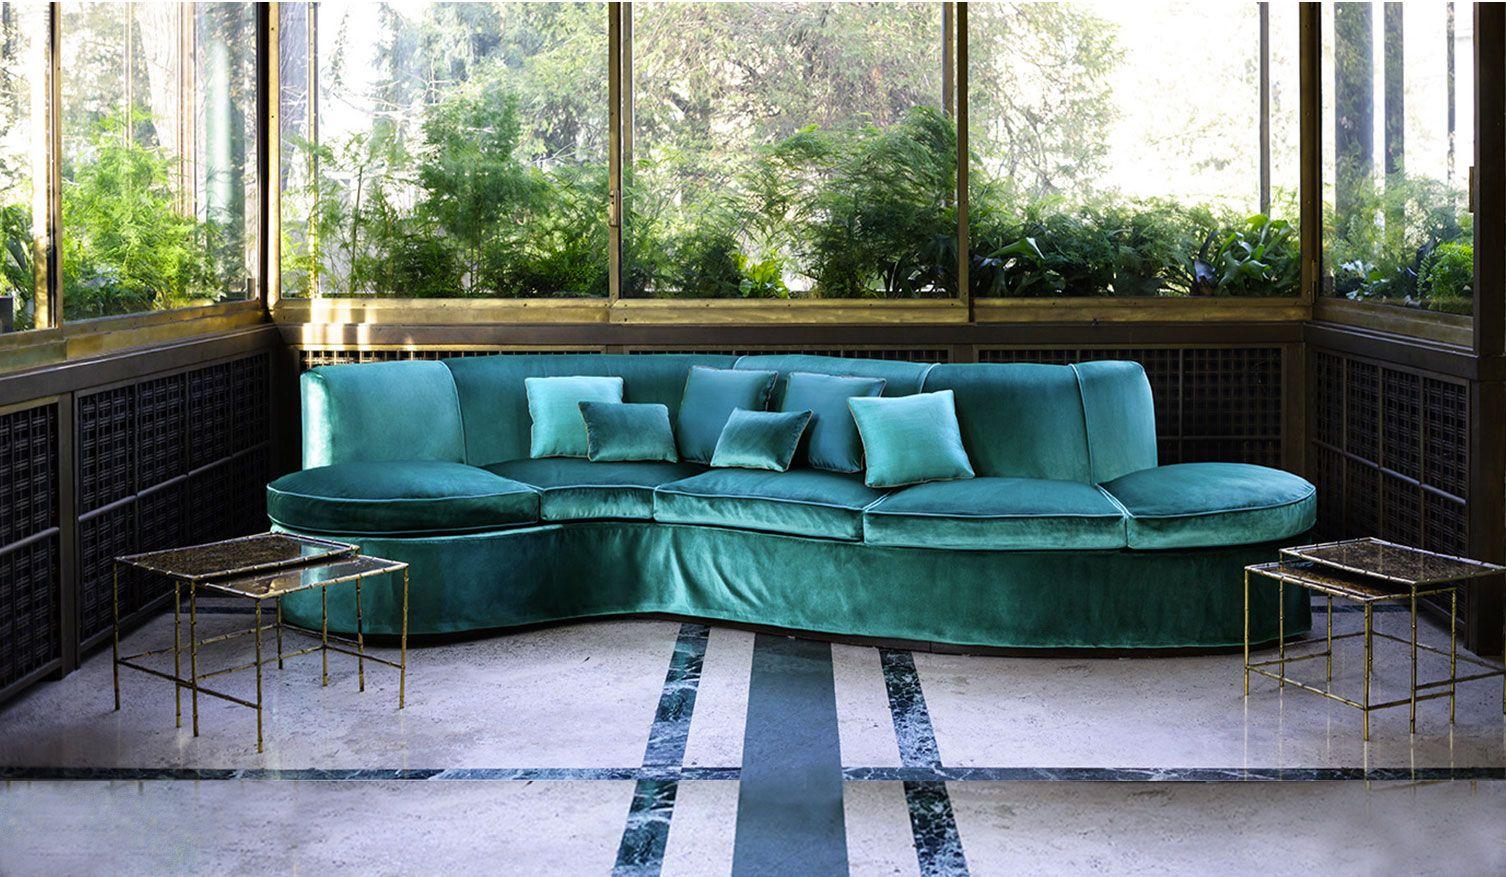 Kris turnbull studio exclusive supplier of dedar milano fabrics